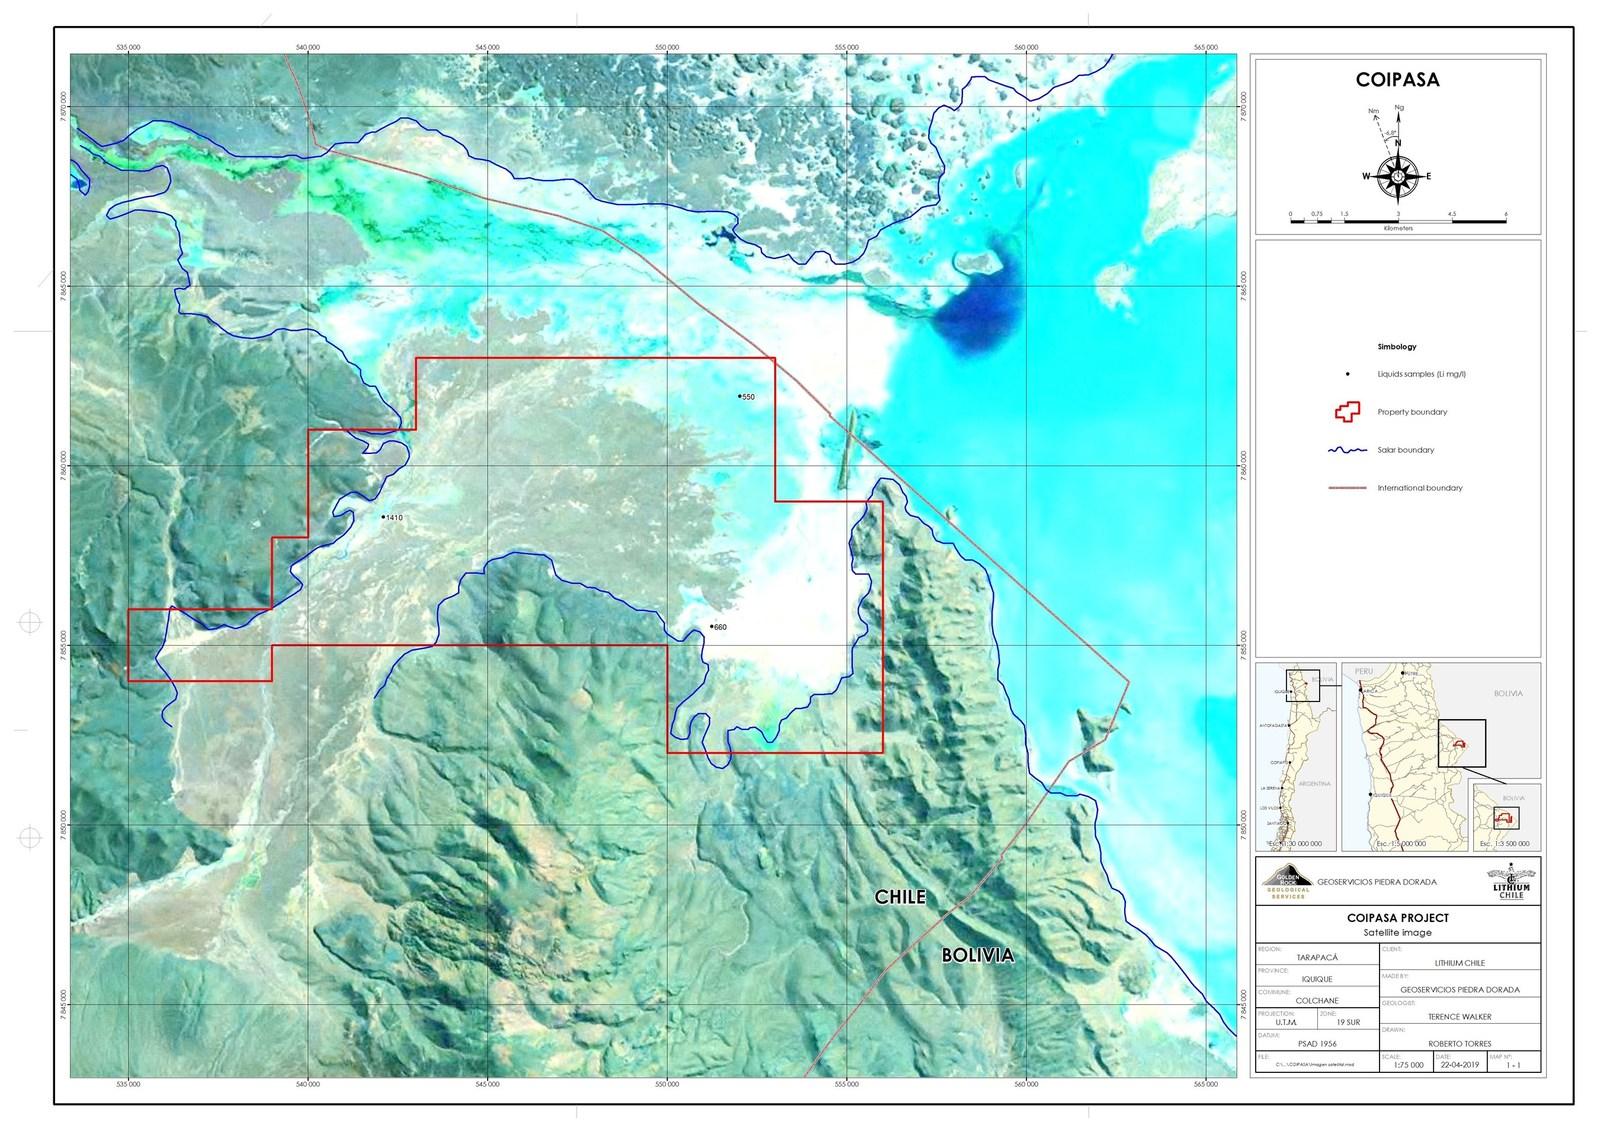 Coipasa Satellite Image